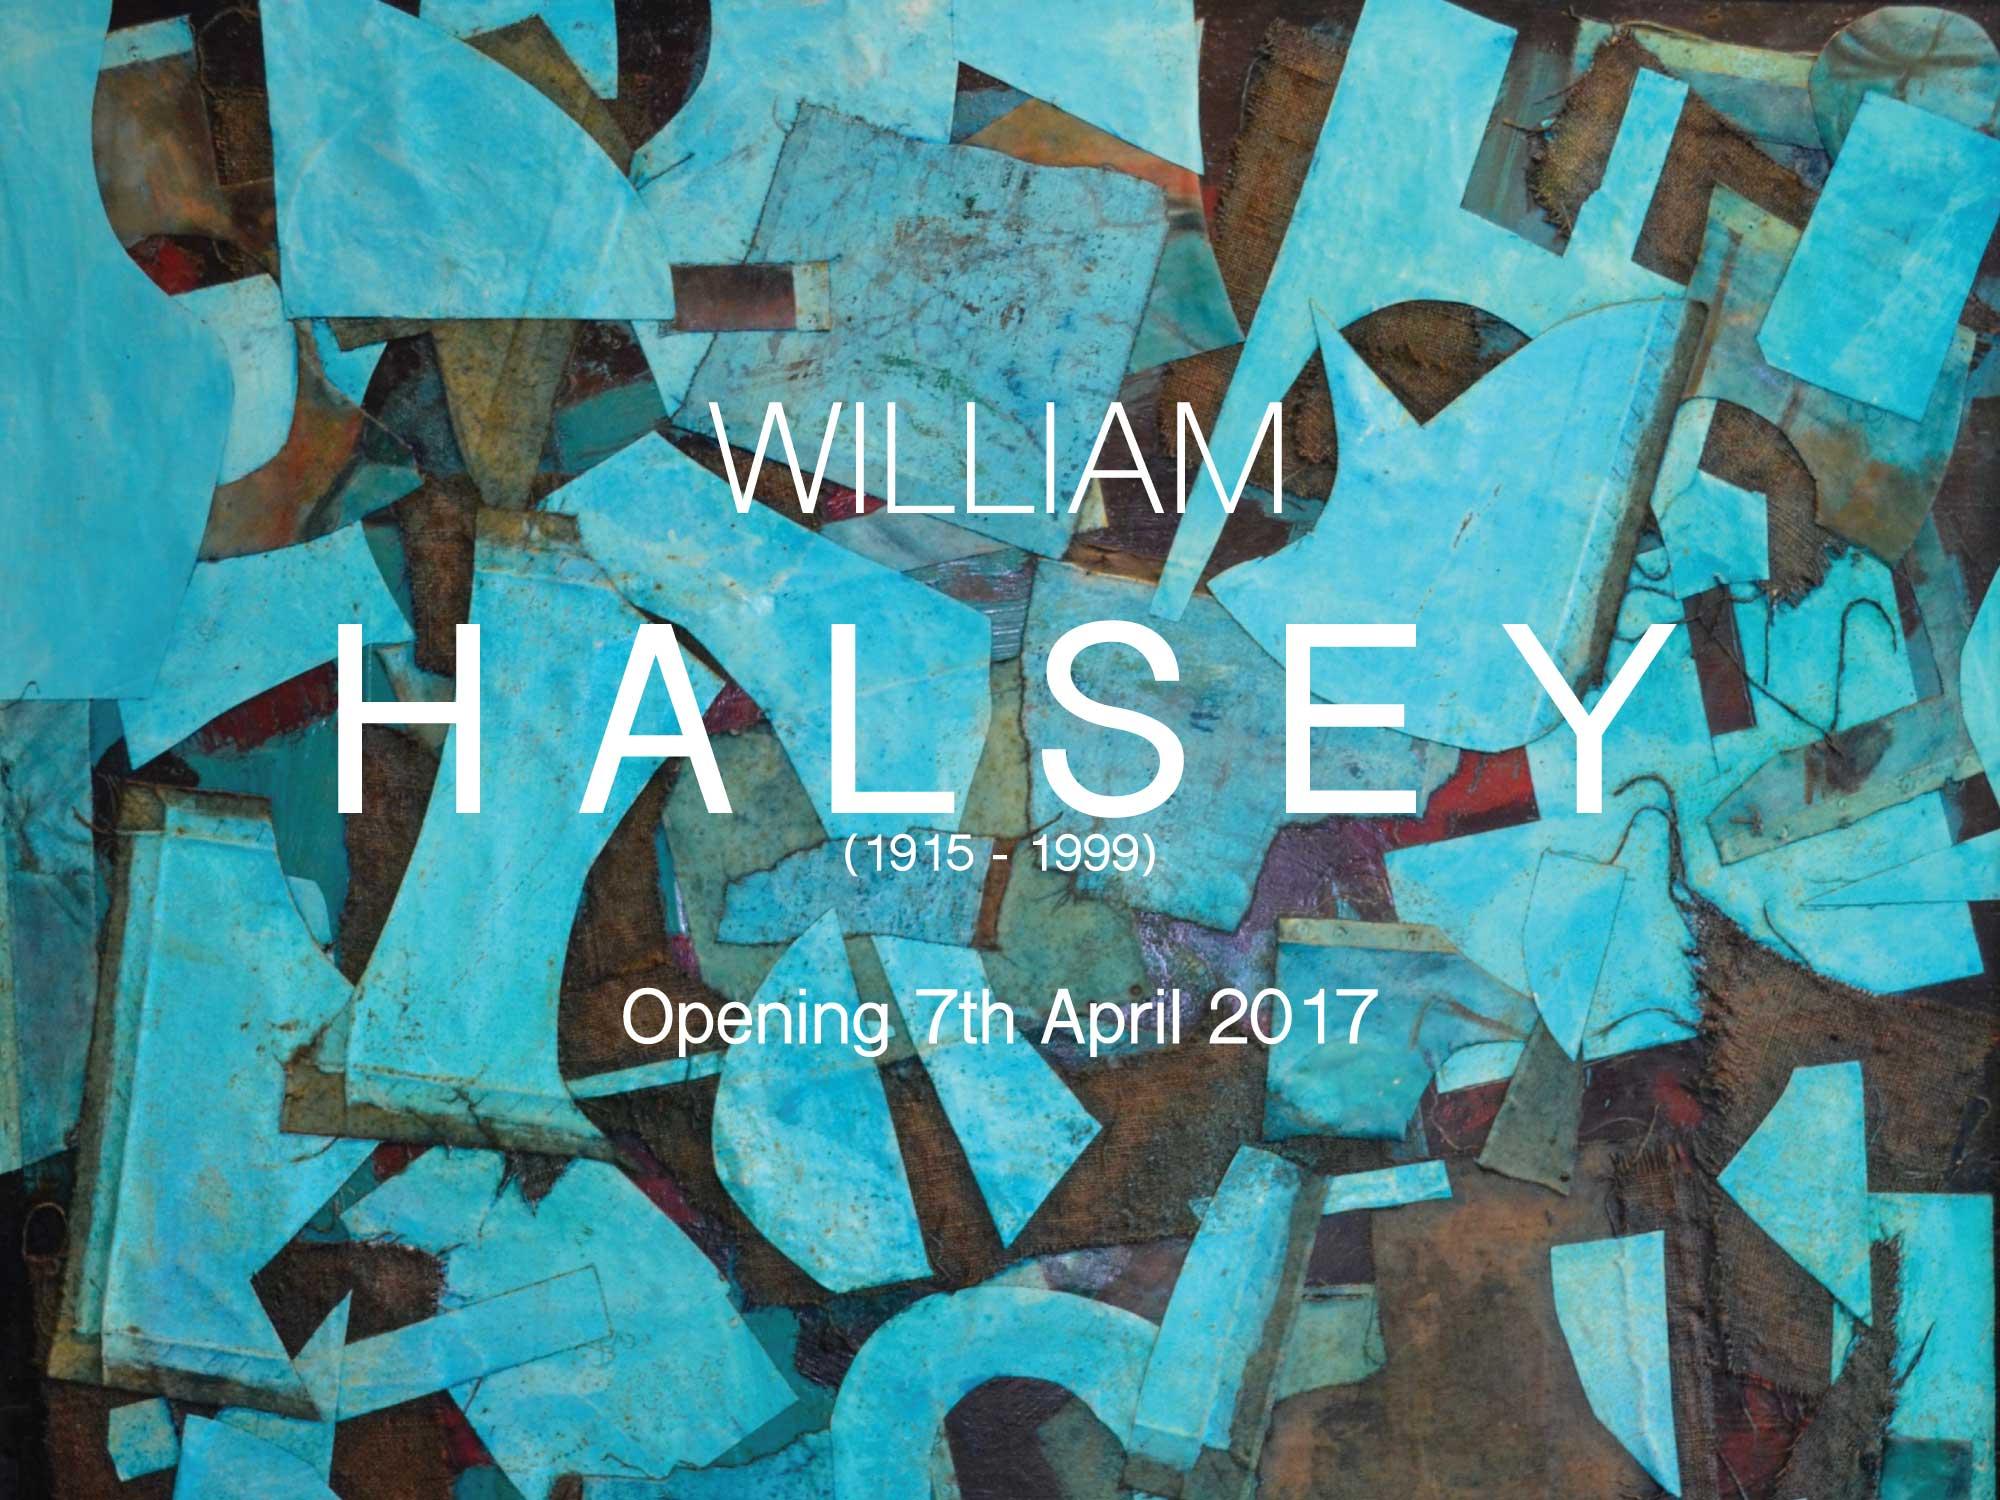 William Halsey